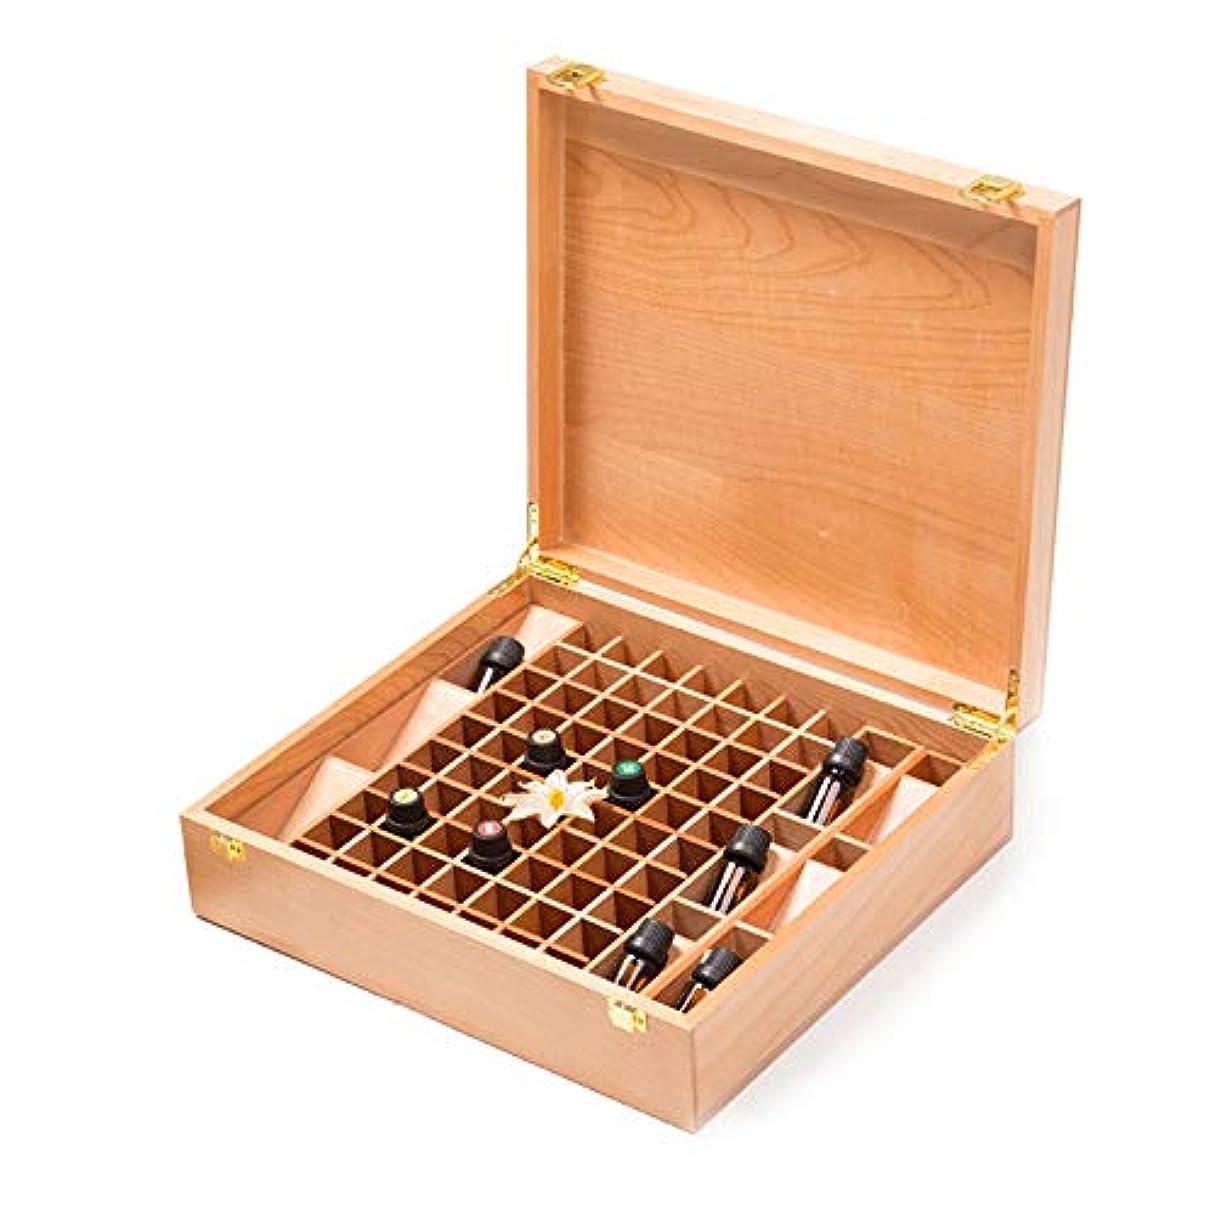 本土緊急通行人エッセンシャルオイル収納ボックス 手作りの木製エッセンシャルオイルストレージボックスパーフェクトエッセンシャルオイルのケースは、70本の油のボトルを保持します (色 : Natural, サイズ : 44X31.5X10.5CM)